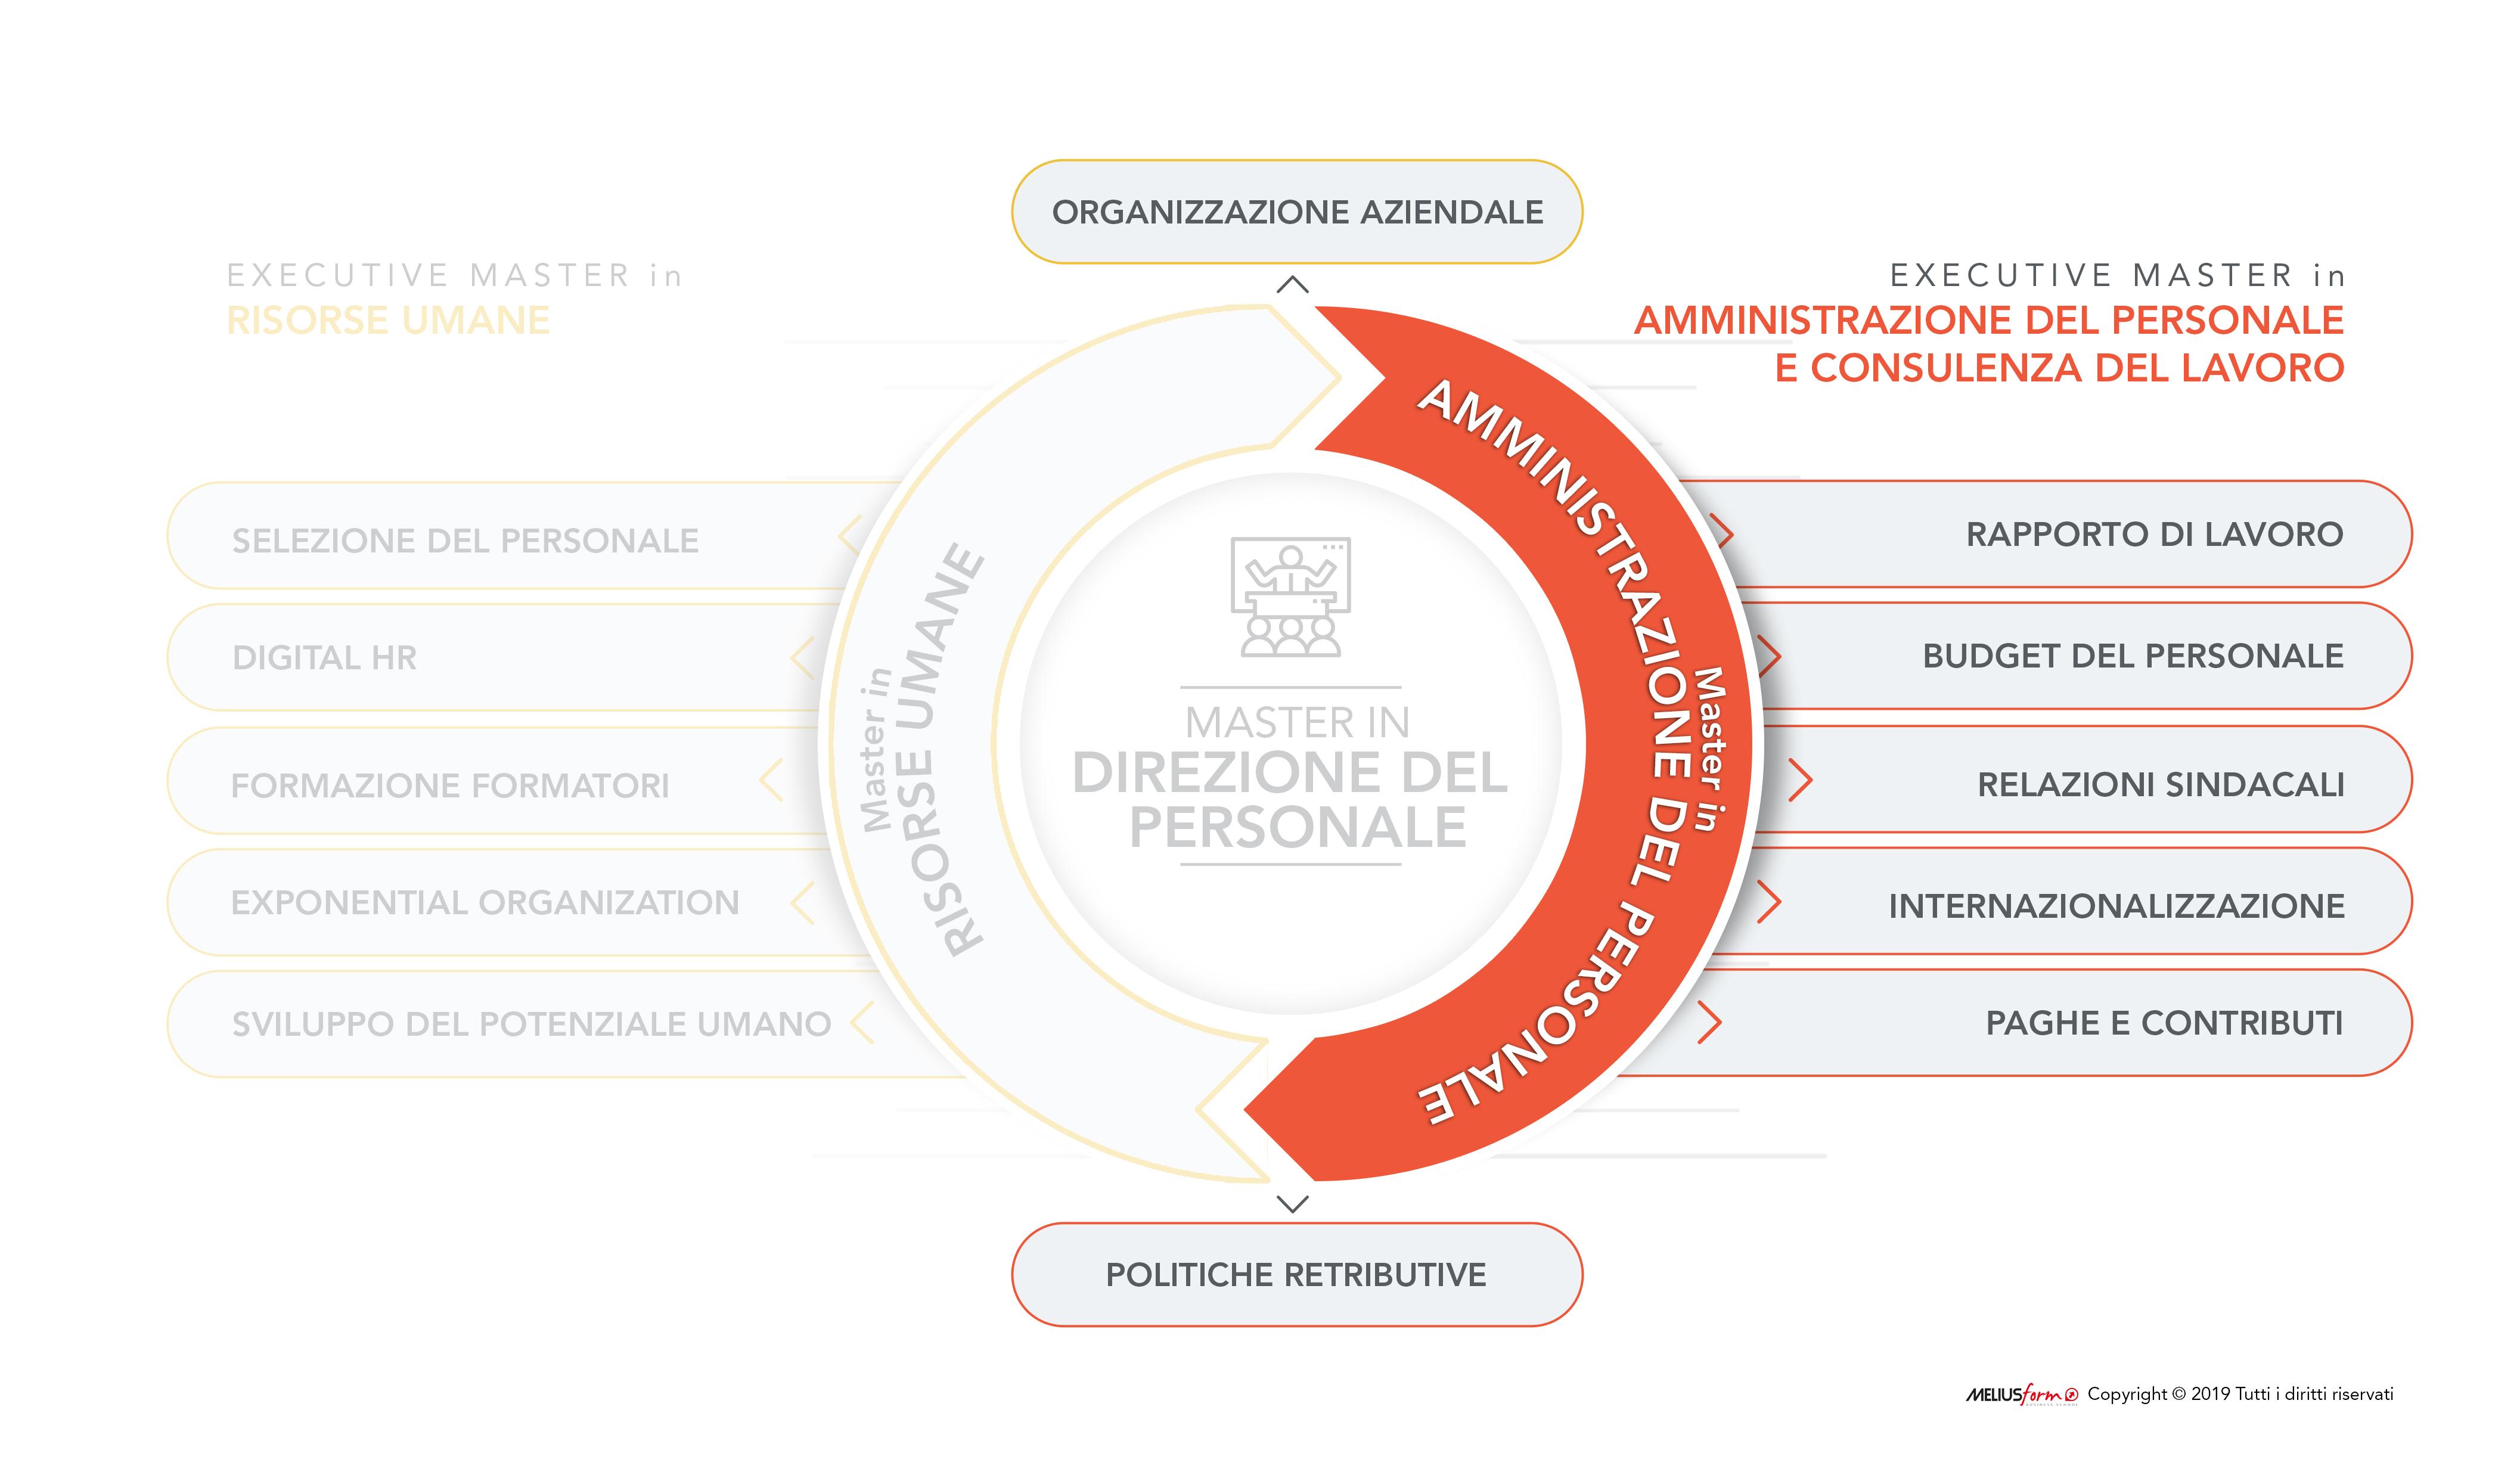 Immagine descrittiva della struttura del Master in Amministrazione del Personale e Consulenza del Lavoro MELIUSform